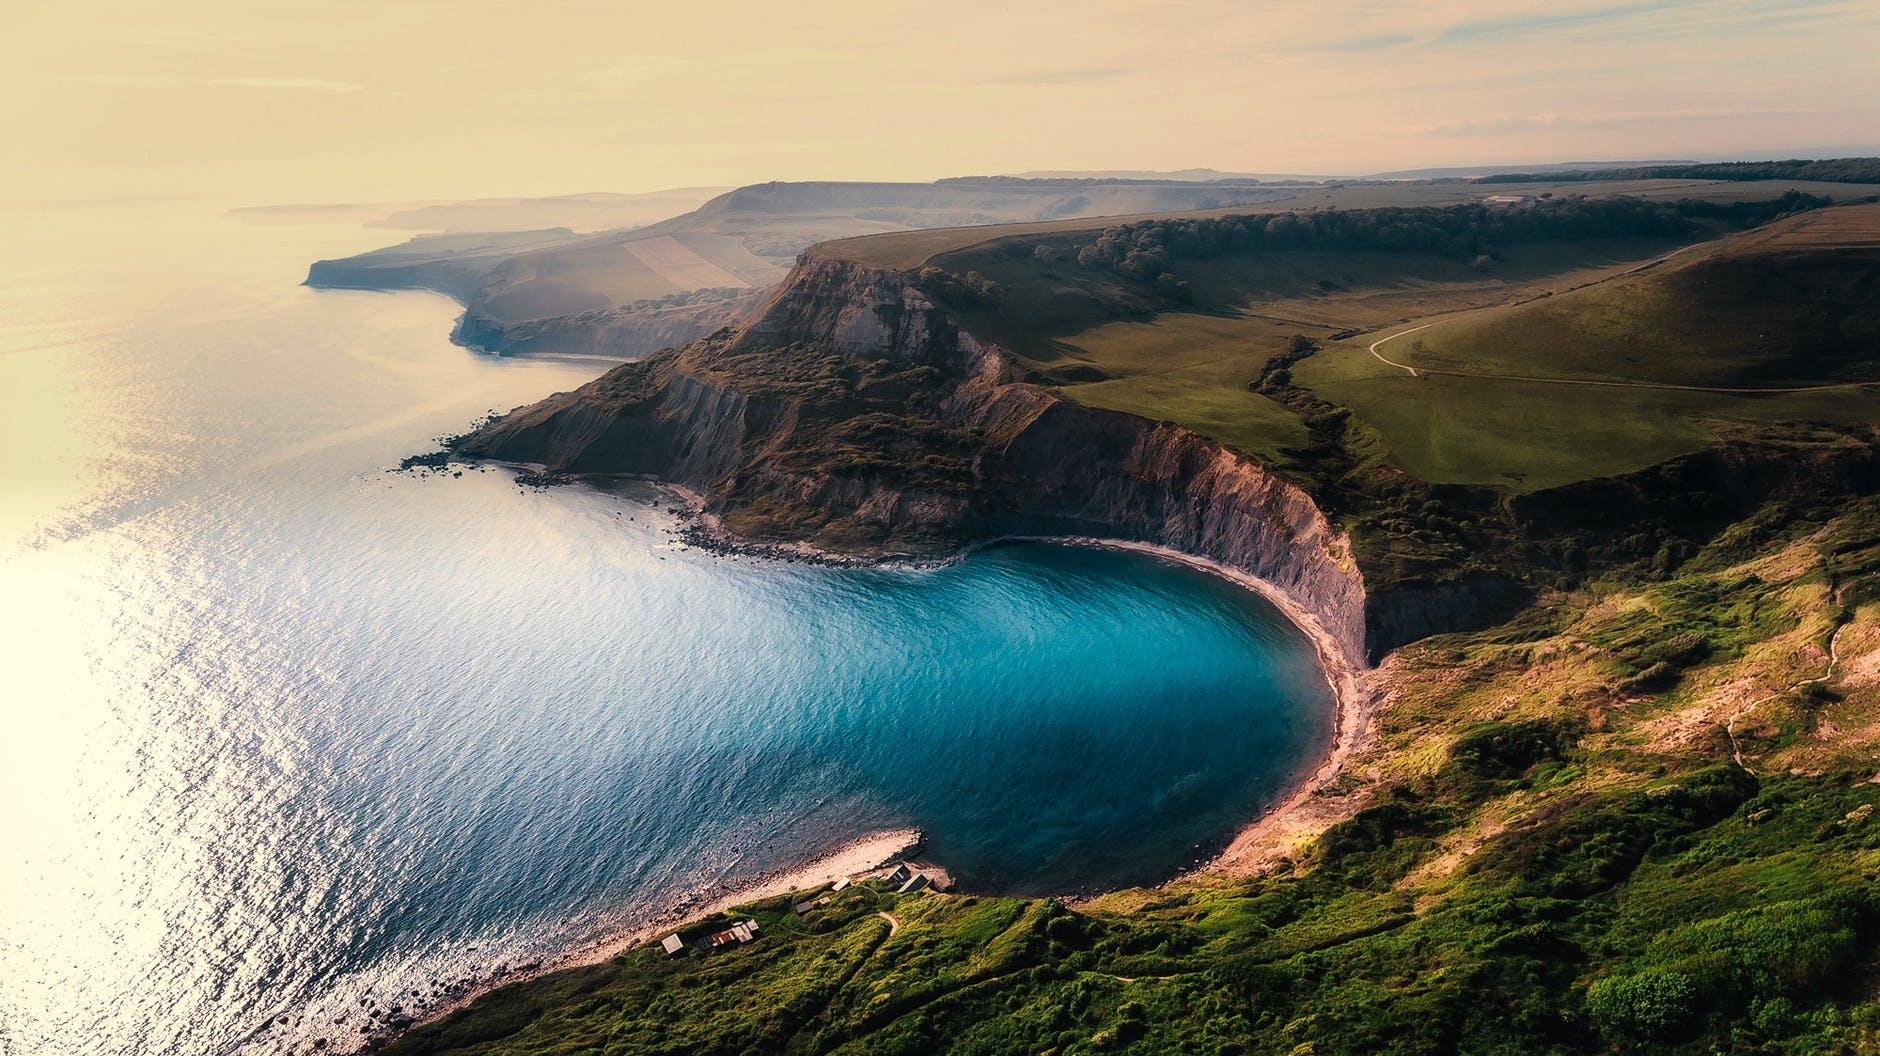 Best Landscape Photo 2020 #04